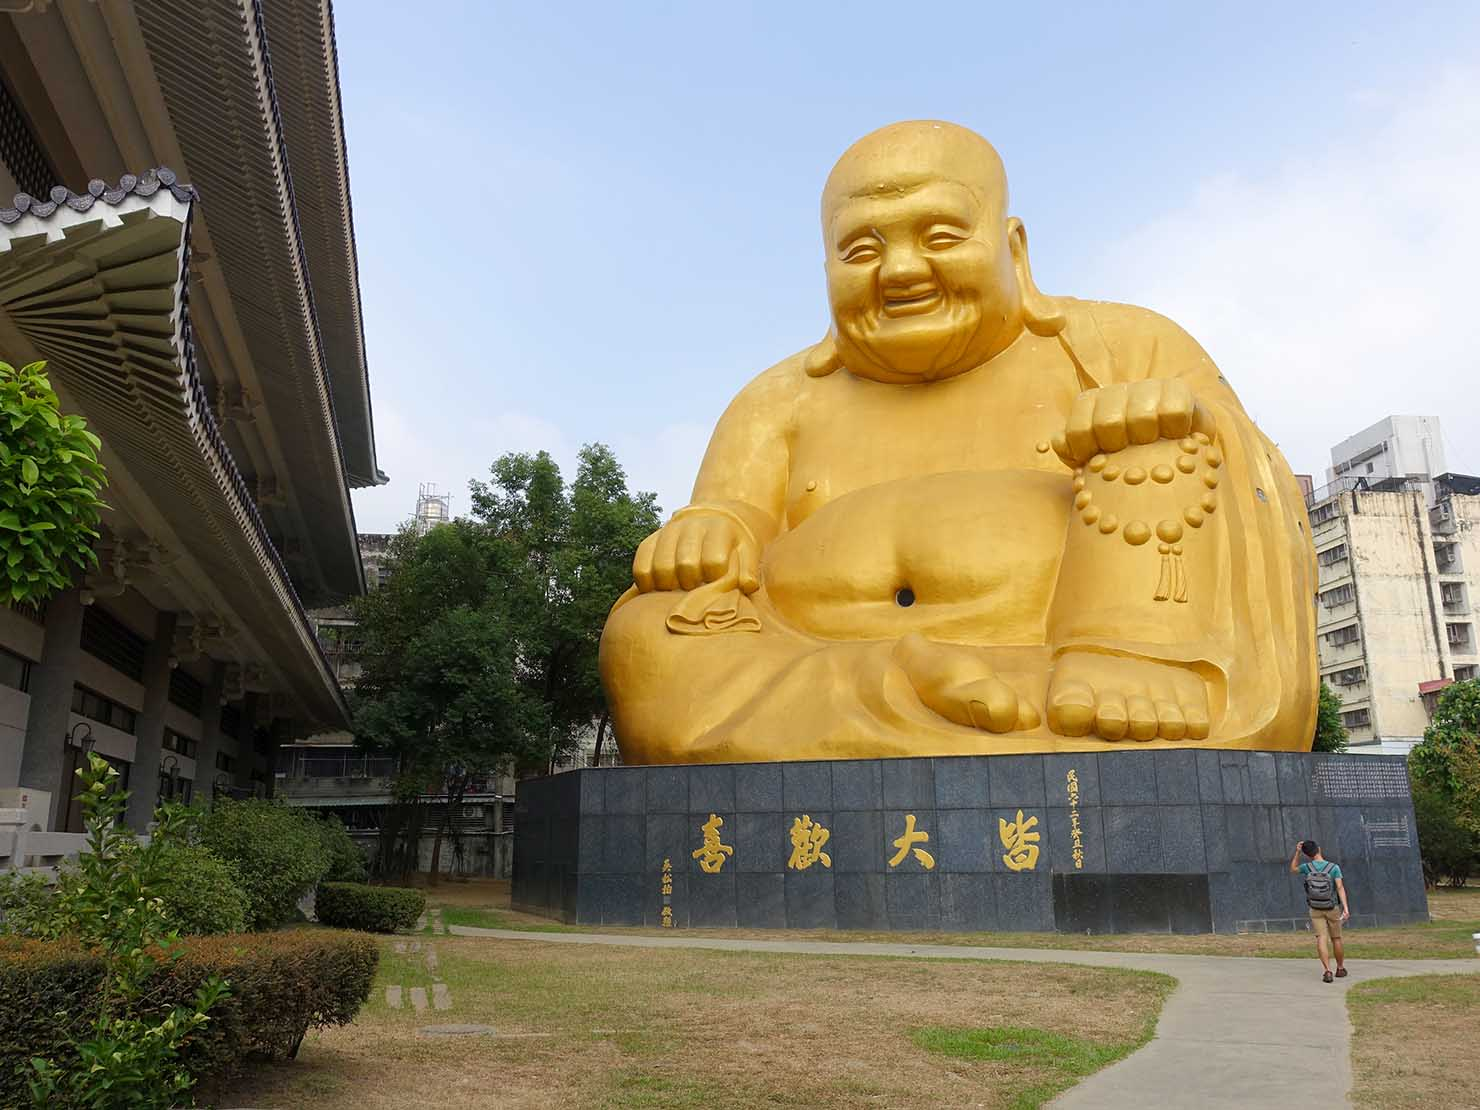 台中観光のおすすめスポット「寶覺寺」に佇む大仏